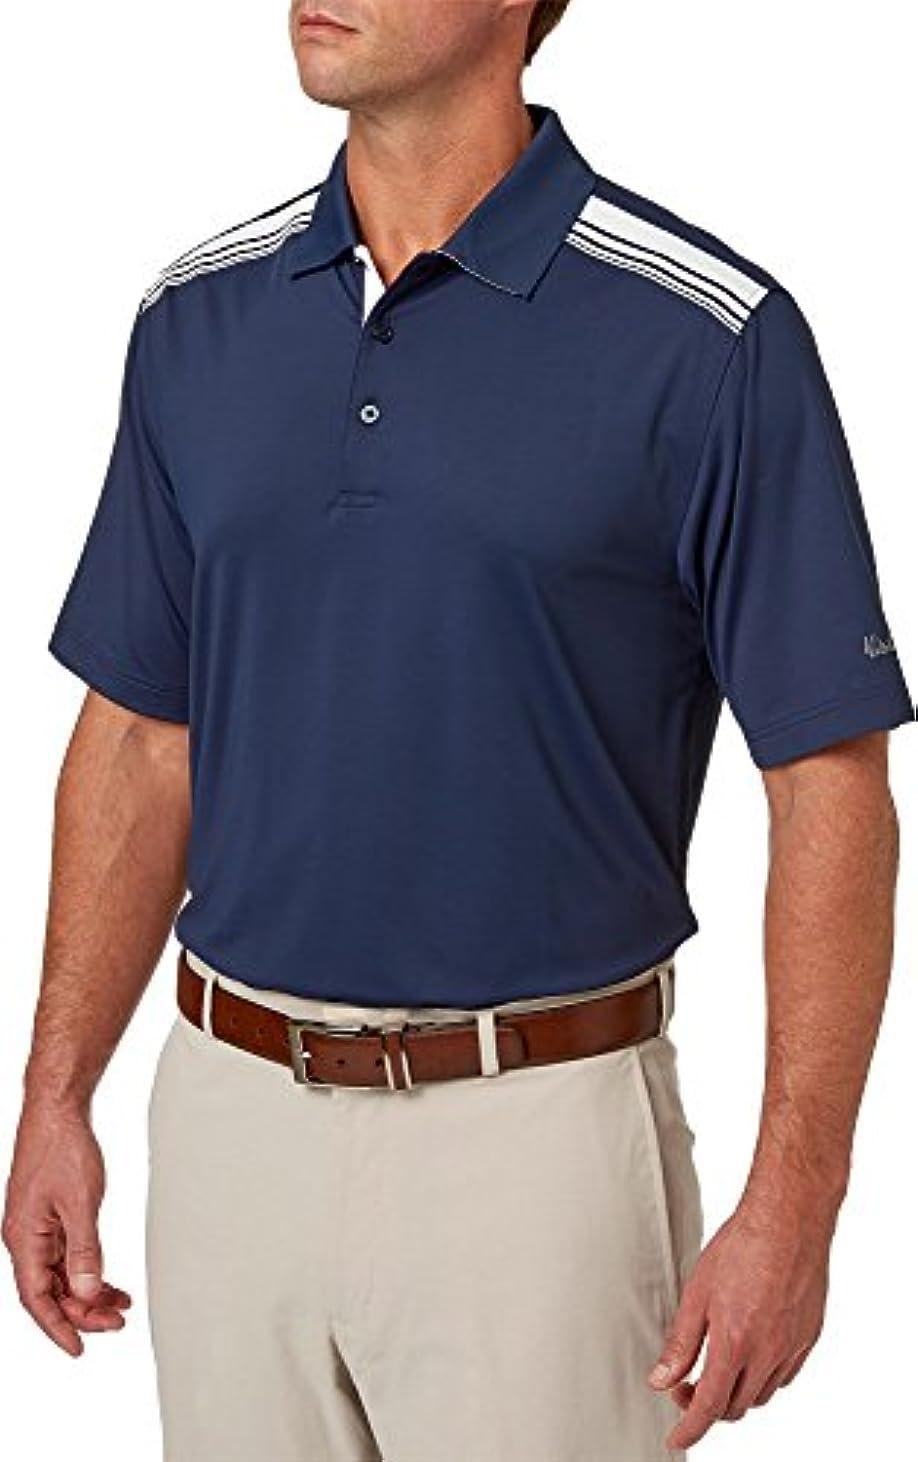 変数ピグマリオン旋律的[ウォルター?ヘーゲン] メンズ シャツ Walter Hagen Men's Solid Colorblock Golf [並行輸入品]